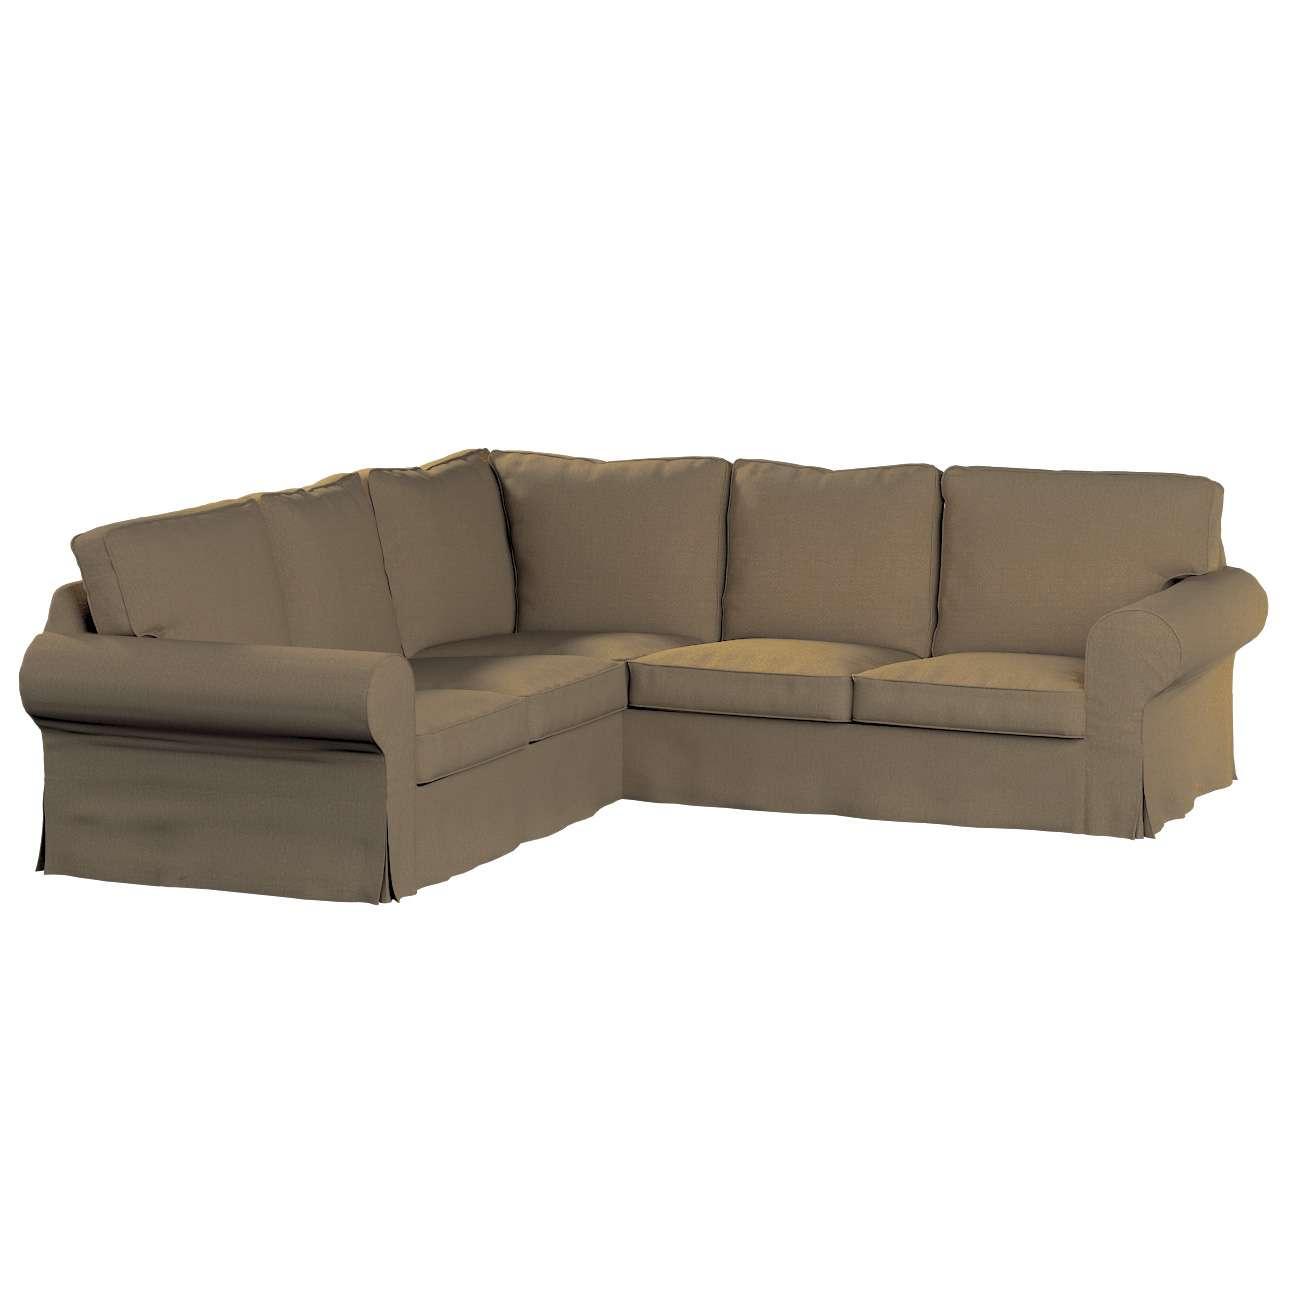 Pokrowiec Ektorp na sofę Sofa Ektorp narożna w kolekcji Chenille, tkanina: 702-21